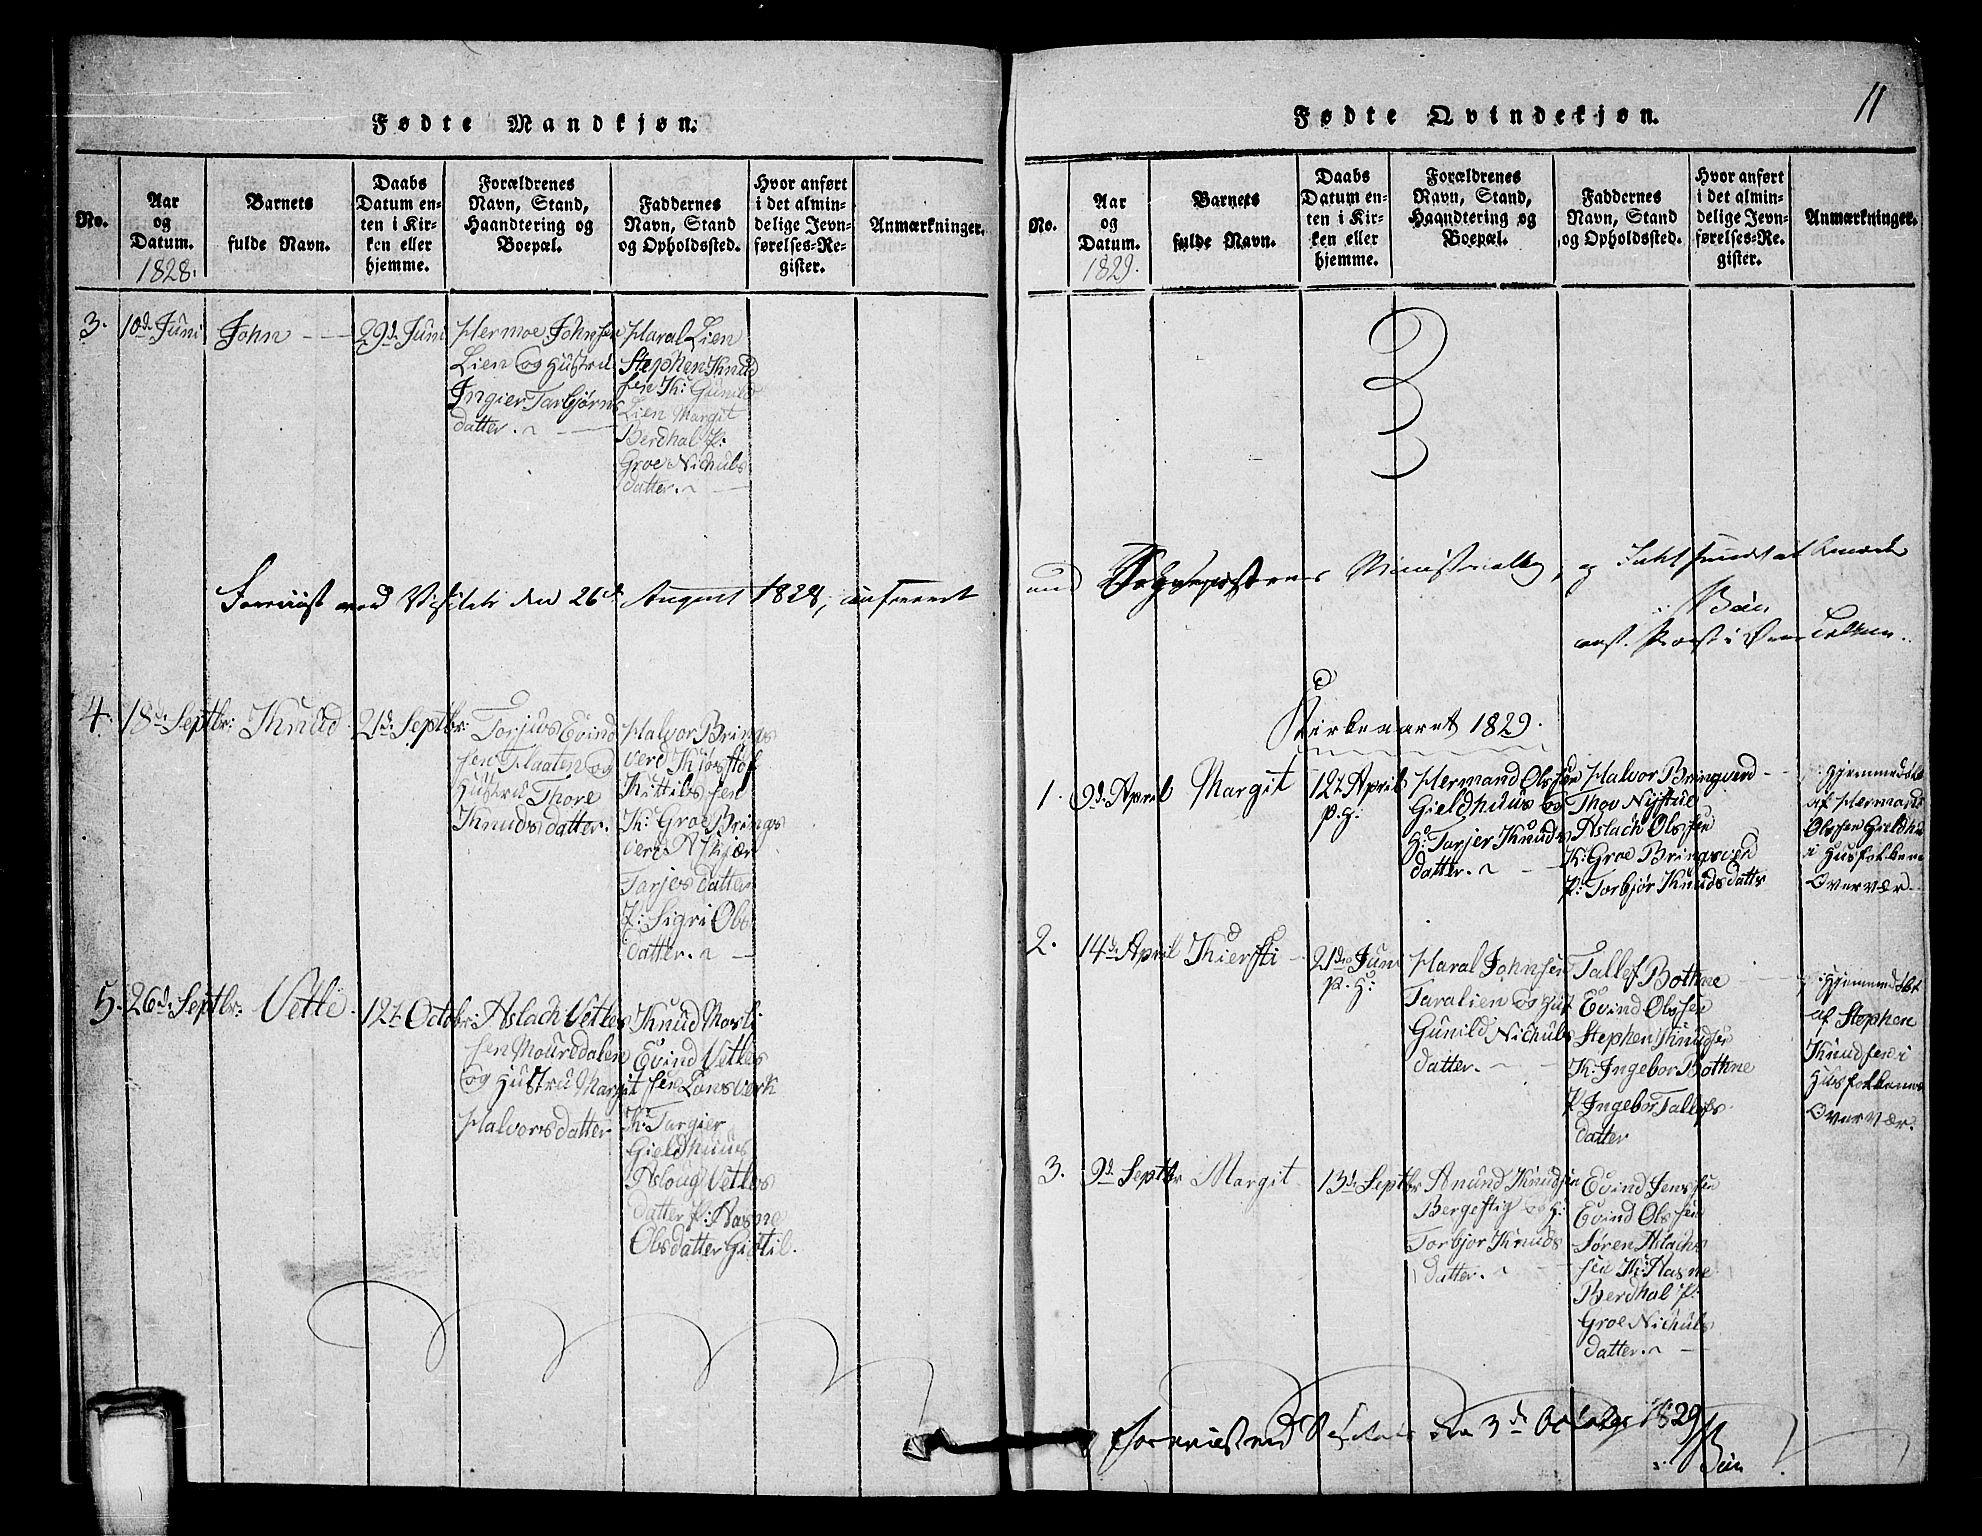 SAKO, Vinje kirkebøker, G/Gb/L0001: Klokkerbok nr. II 1, 1814-1843, s. 11